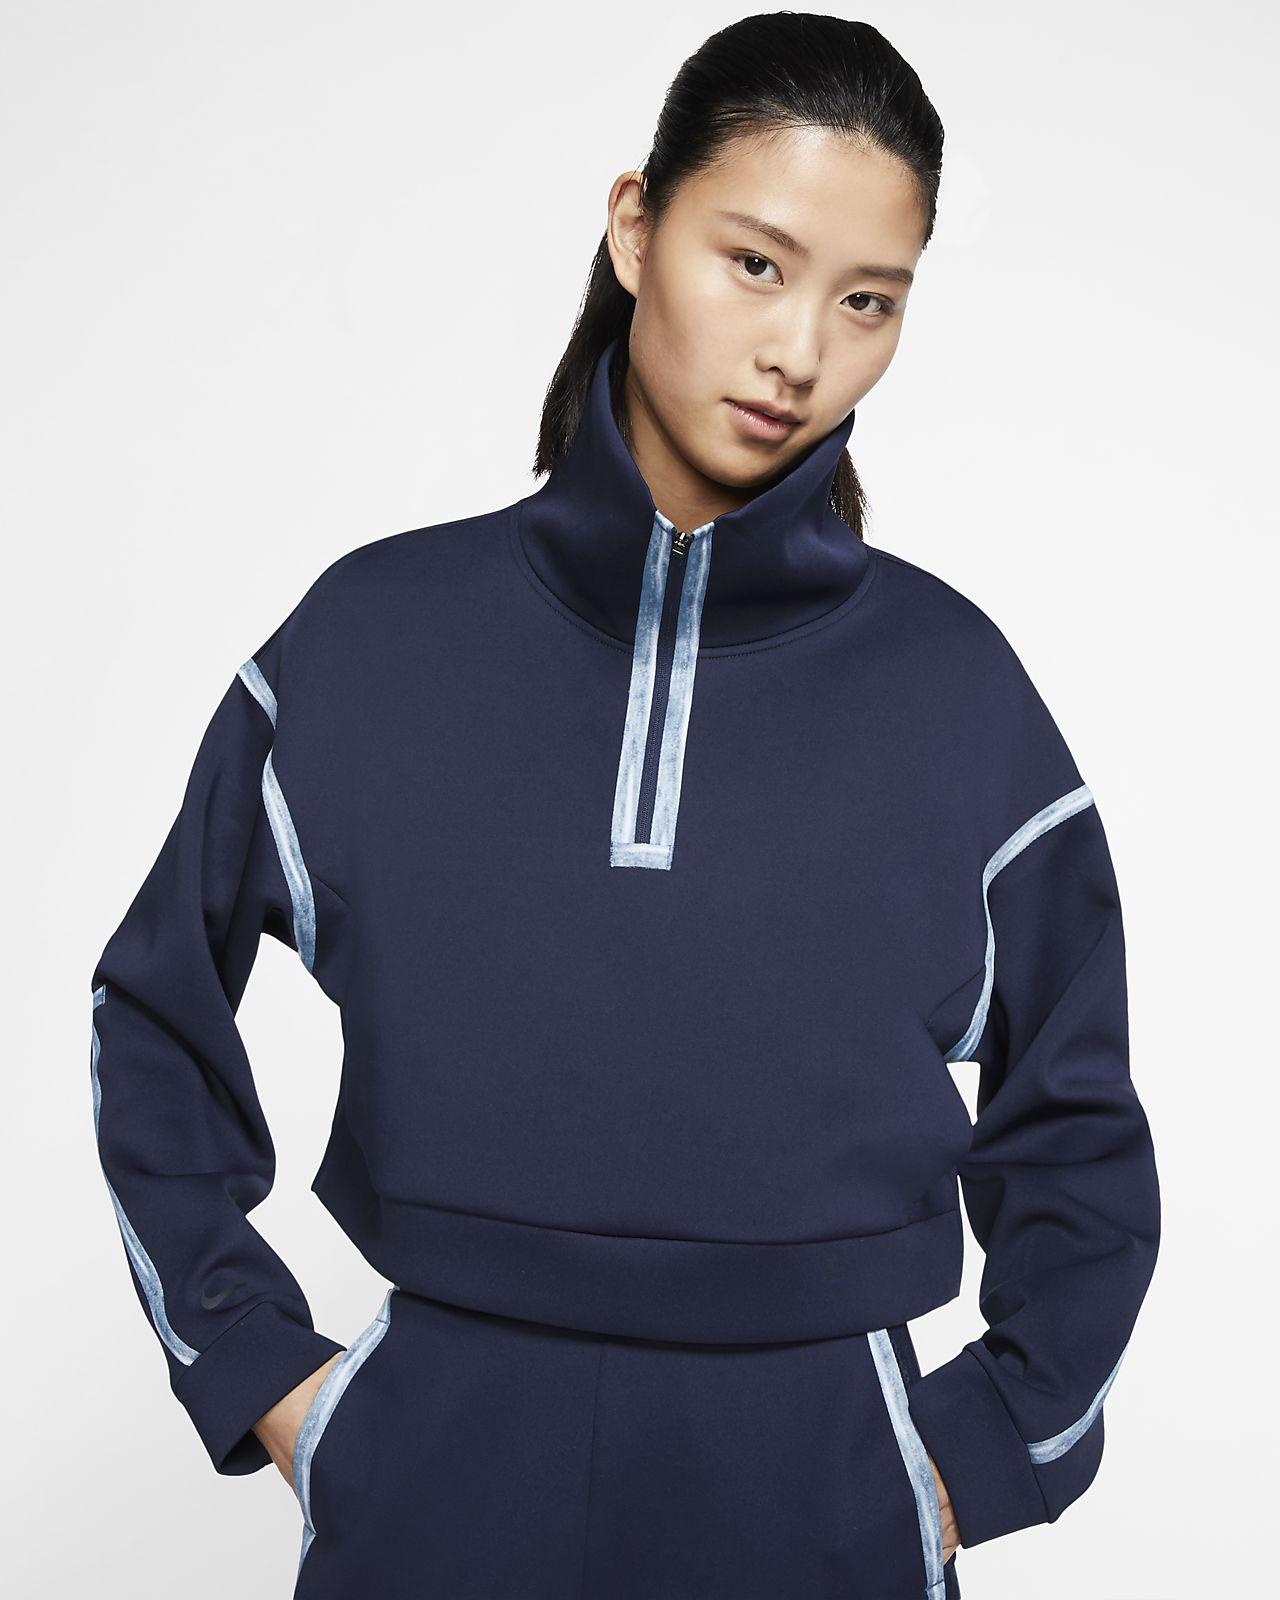 Nike City Ready Sudadera de entrenamiento de tejido Fleece con cremallera de 1/4 - Mujer